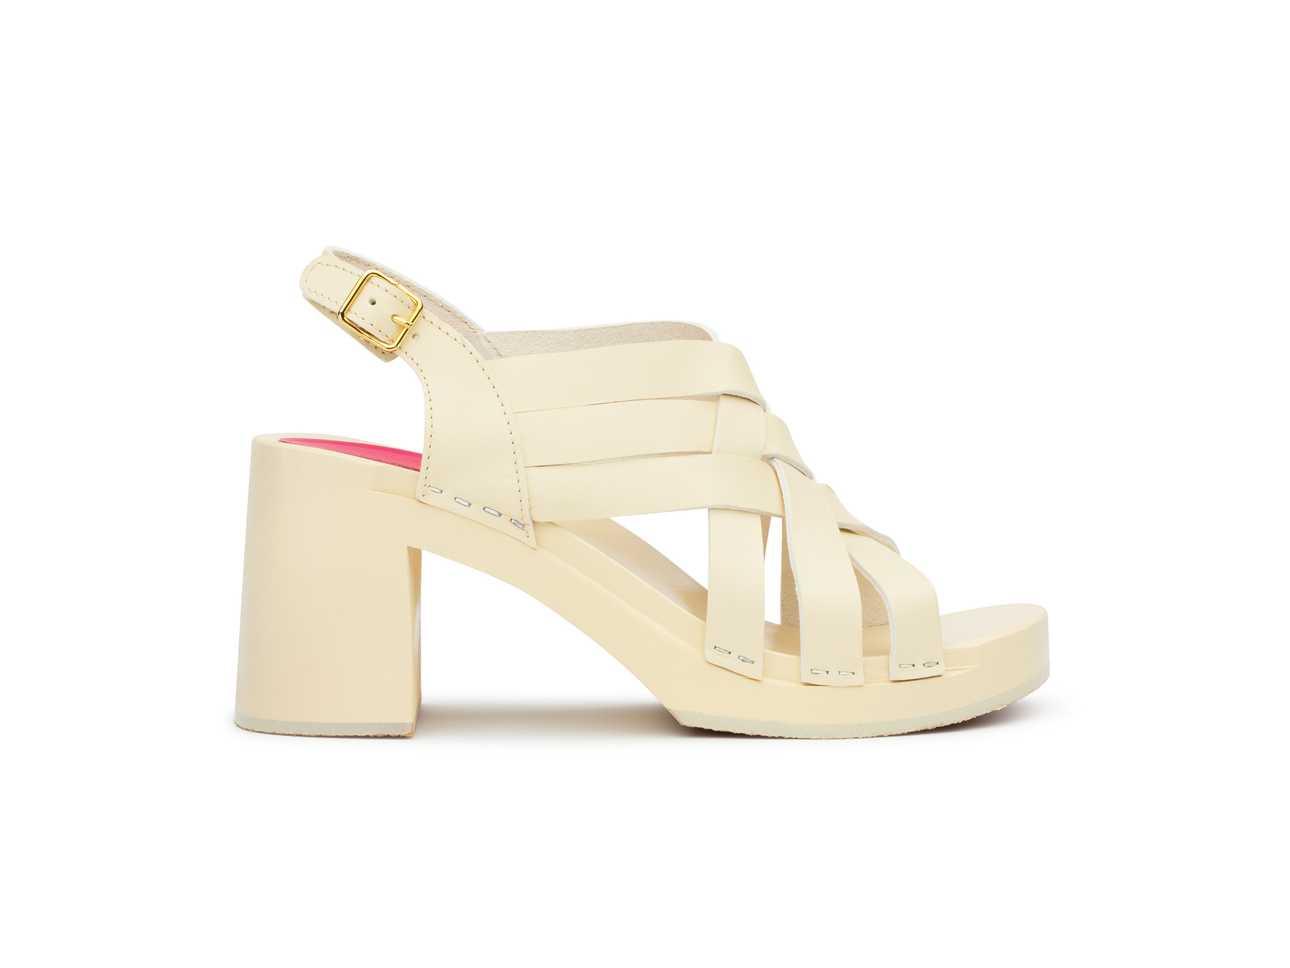 Vivi Creamy white/creamy white sole